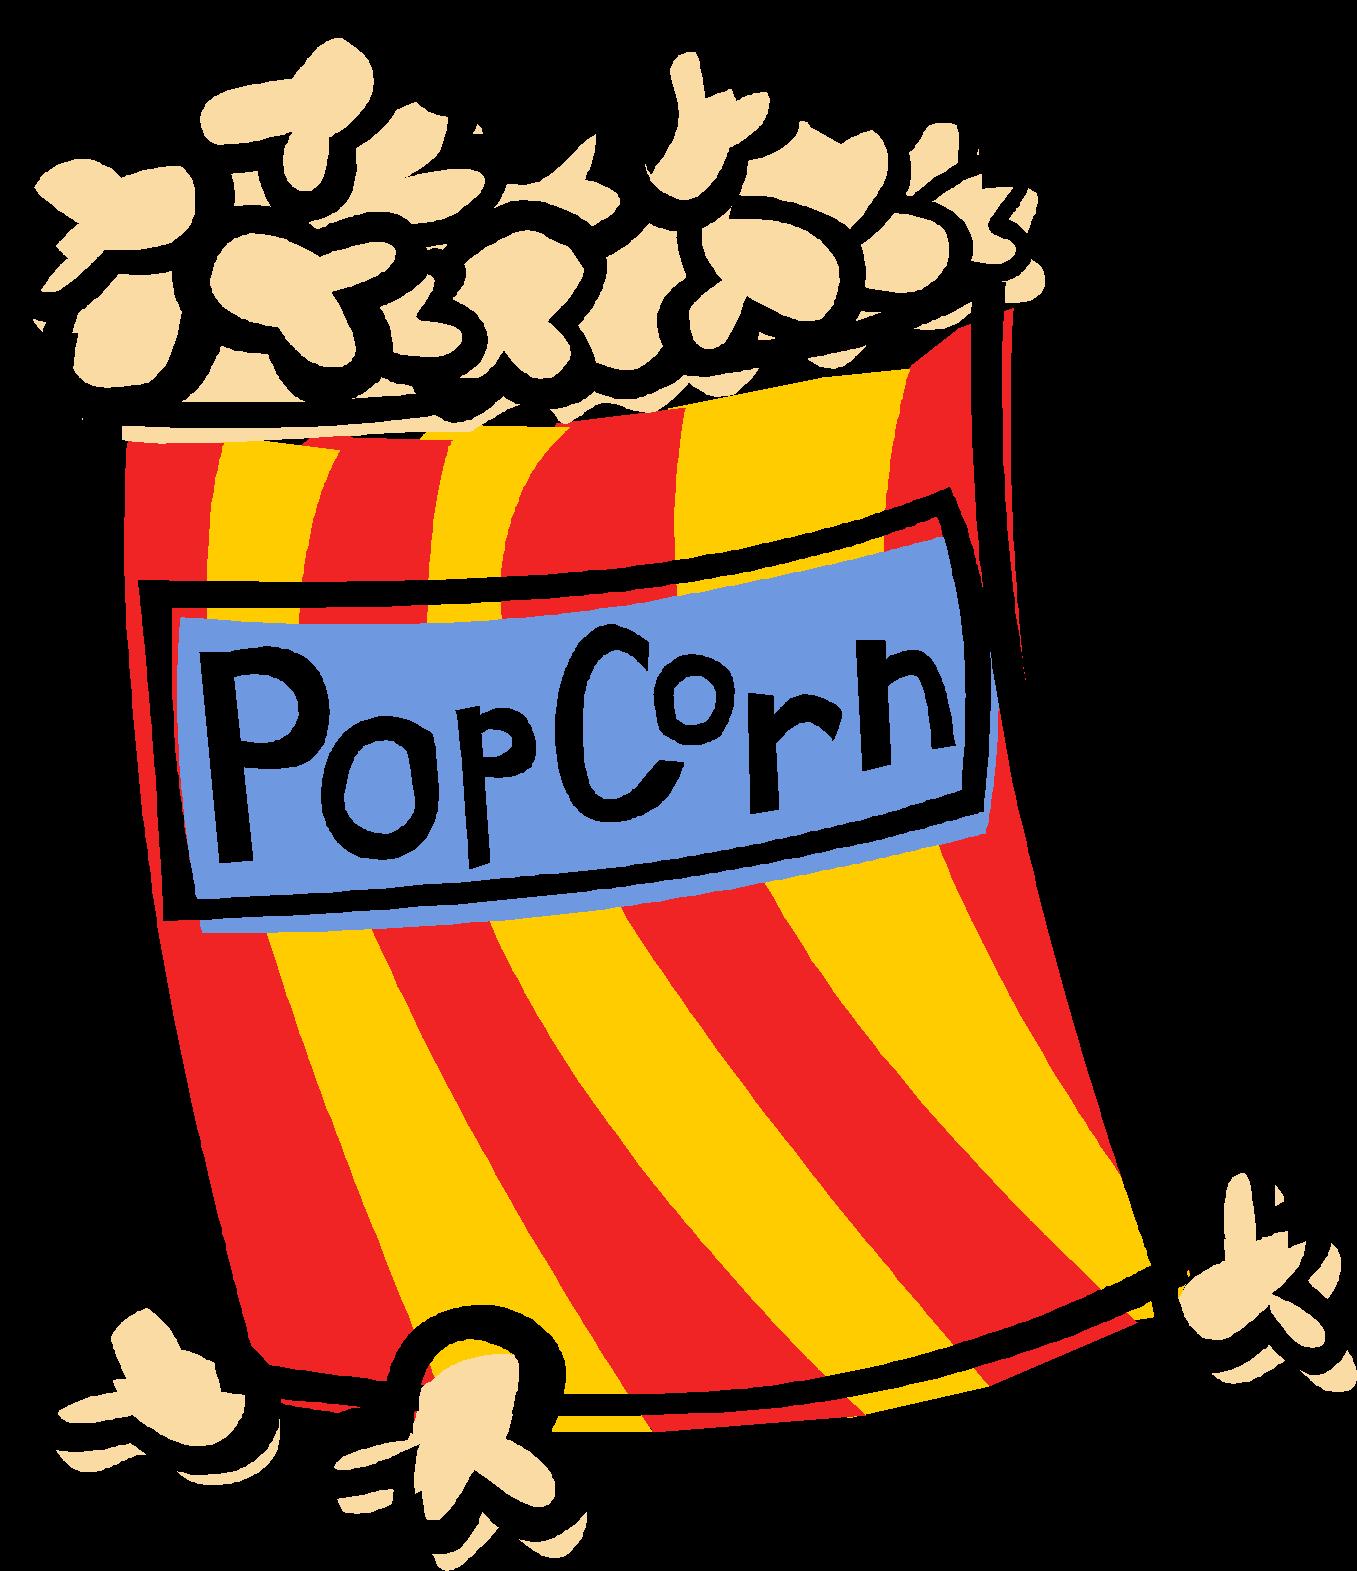 Clip Art Of Junk Foods (1433x1677)